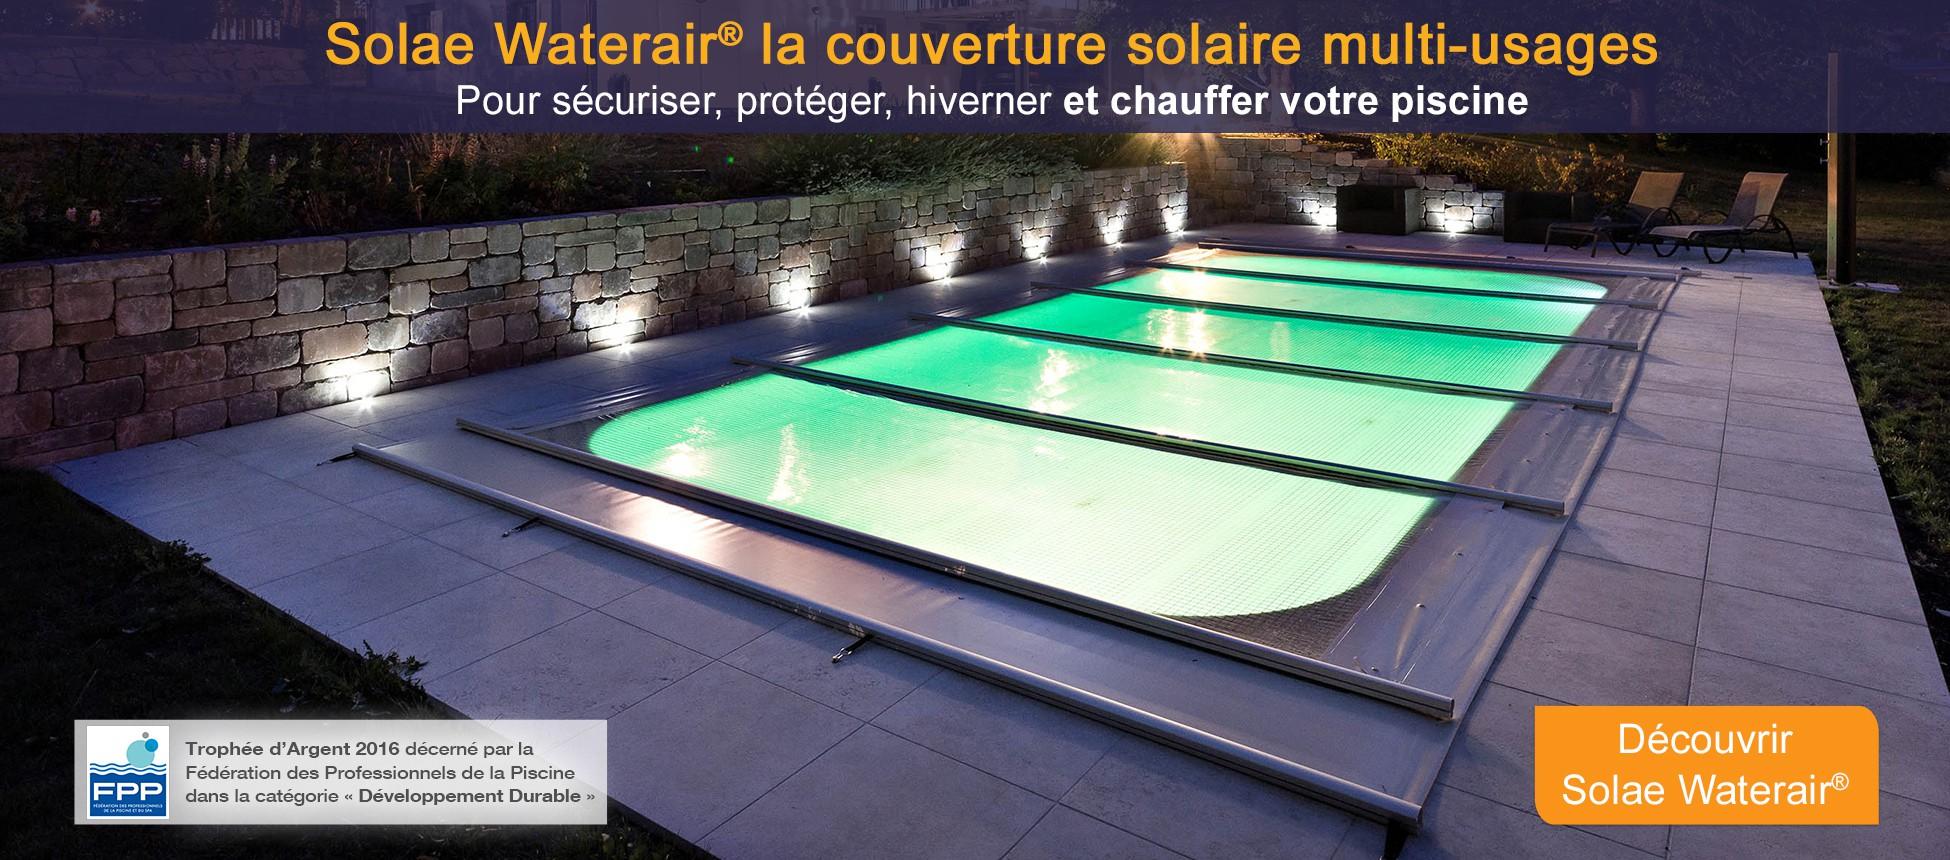 Boutique waterair piscines waterair for Robot piscine waterair